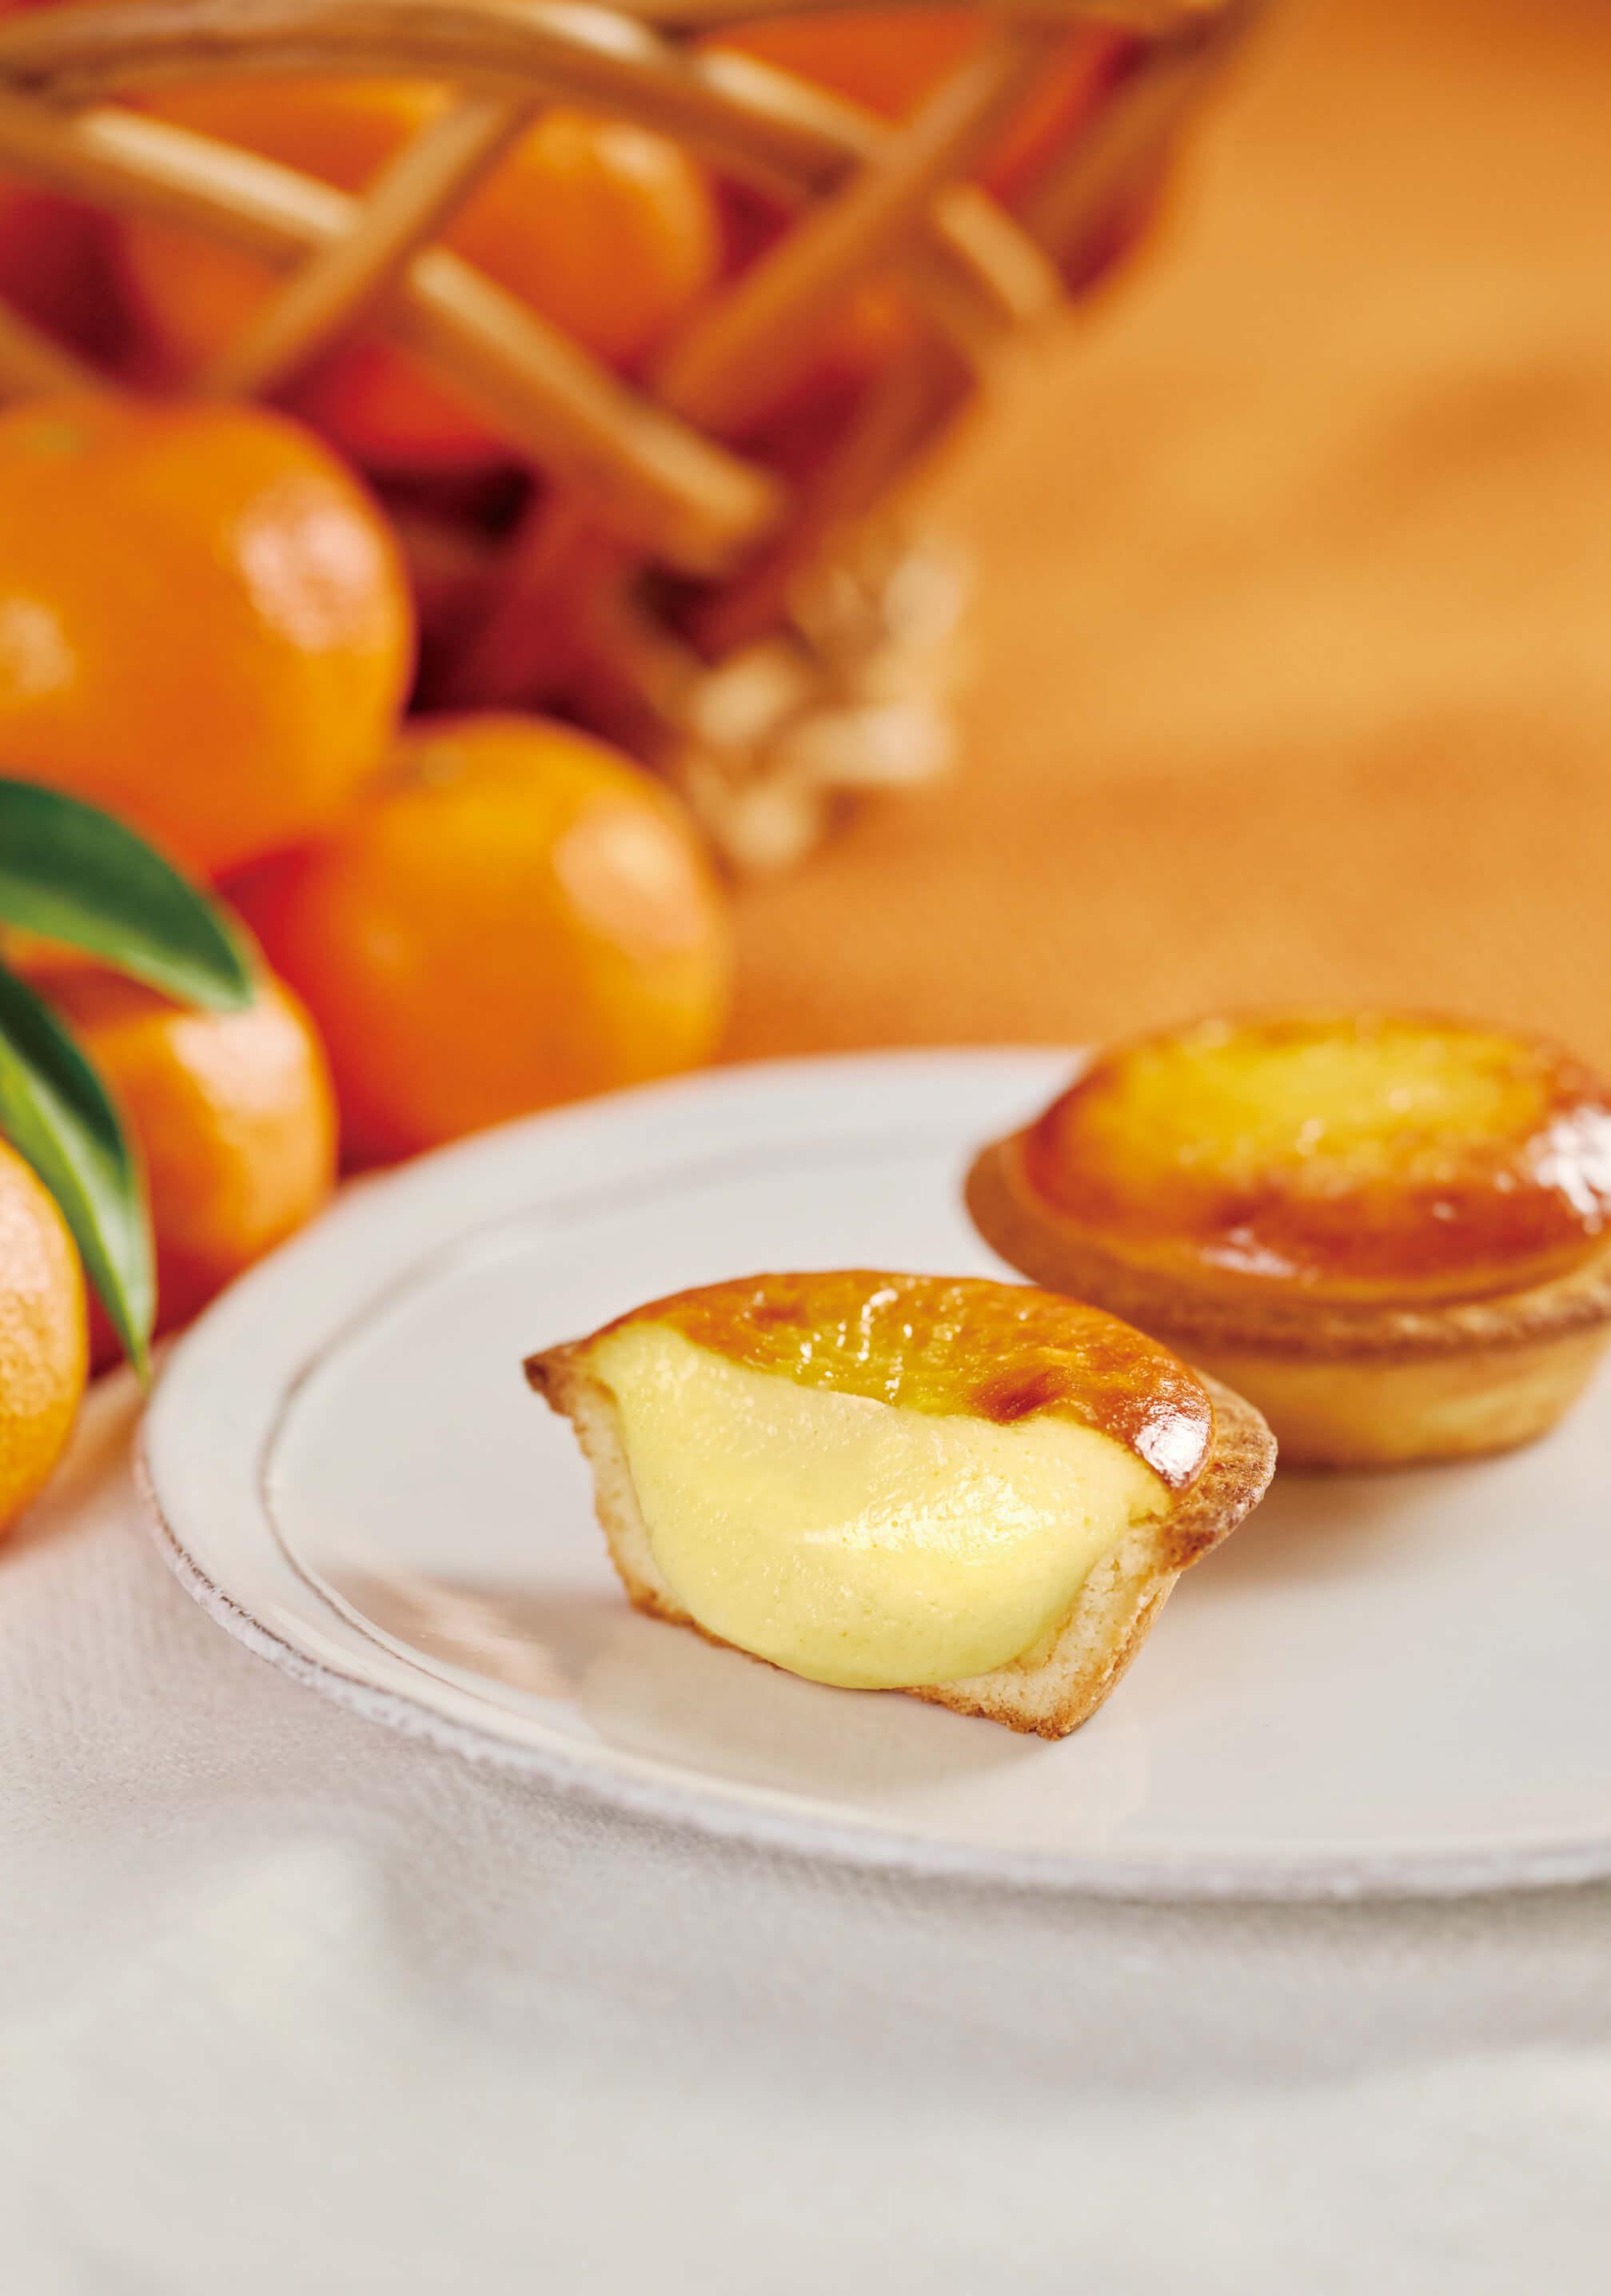 bake-cheese-tart-2